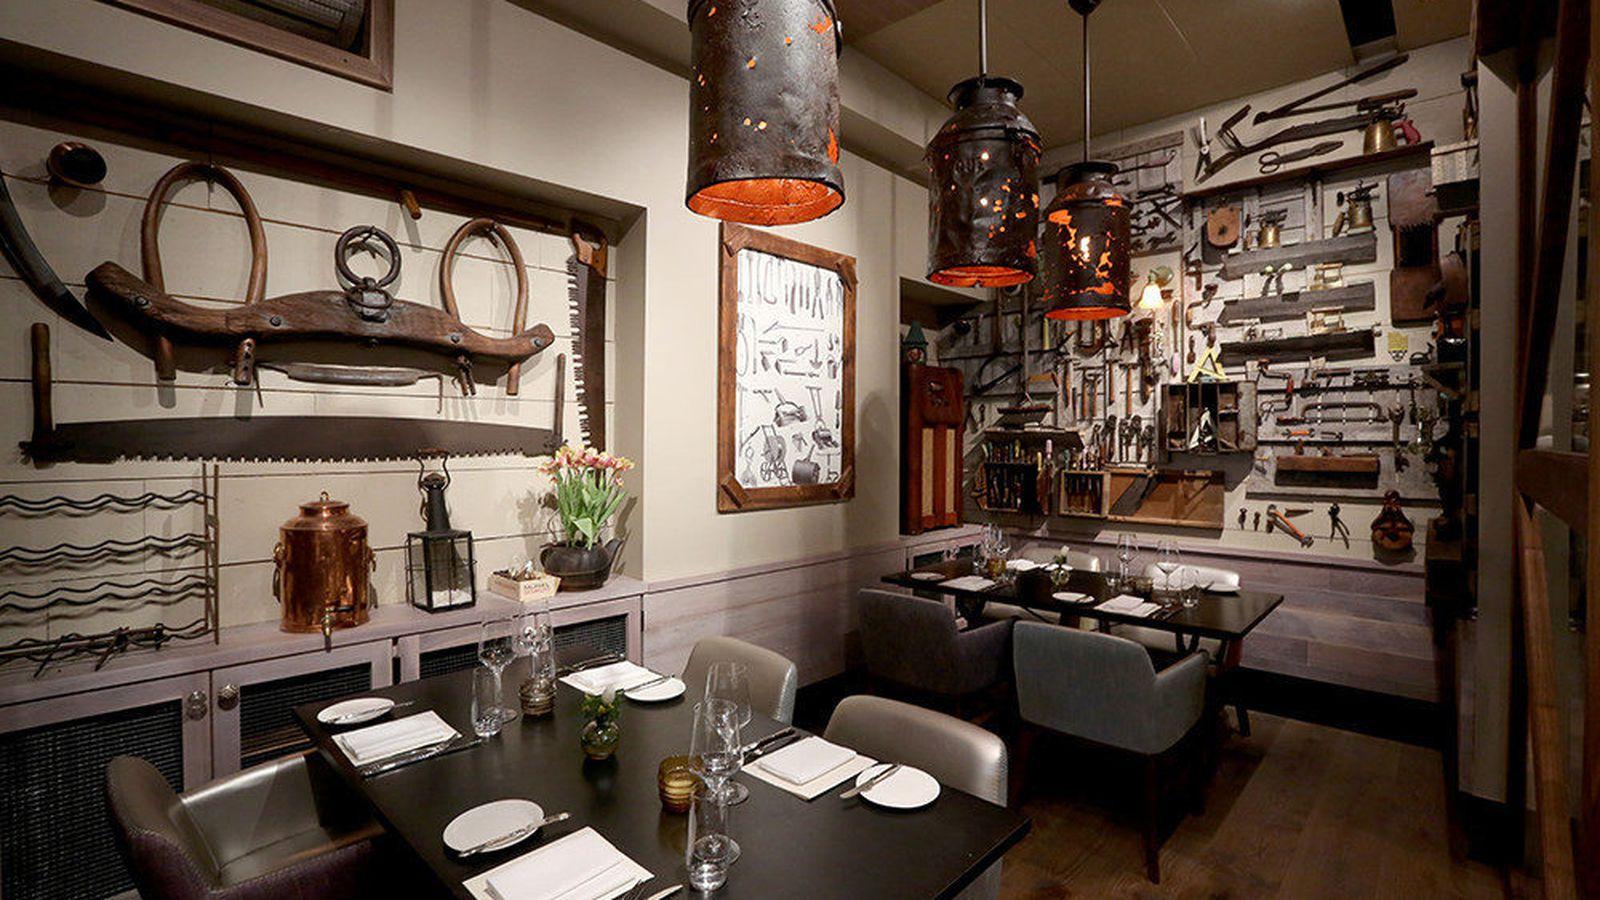 Blenheim justin hilbert 39 s farm to table restaurant eater ny for Table 52 chicago restaurant